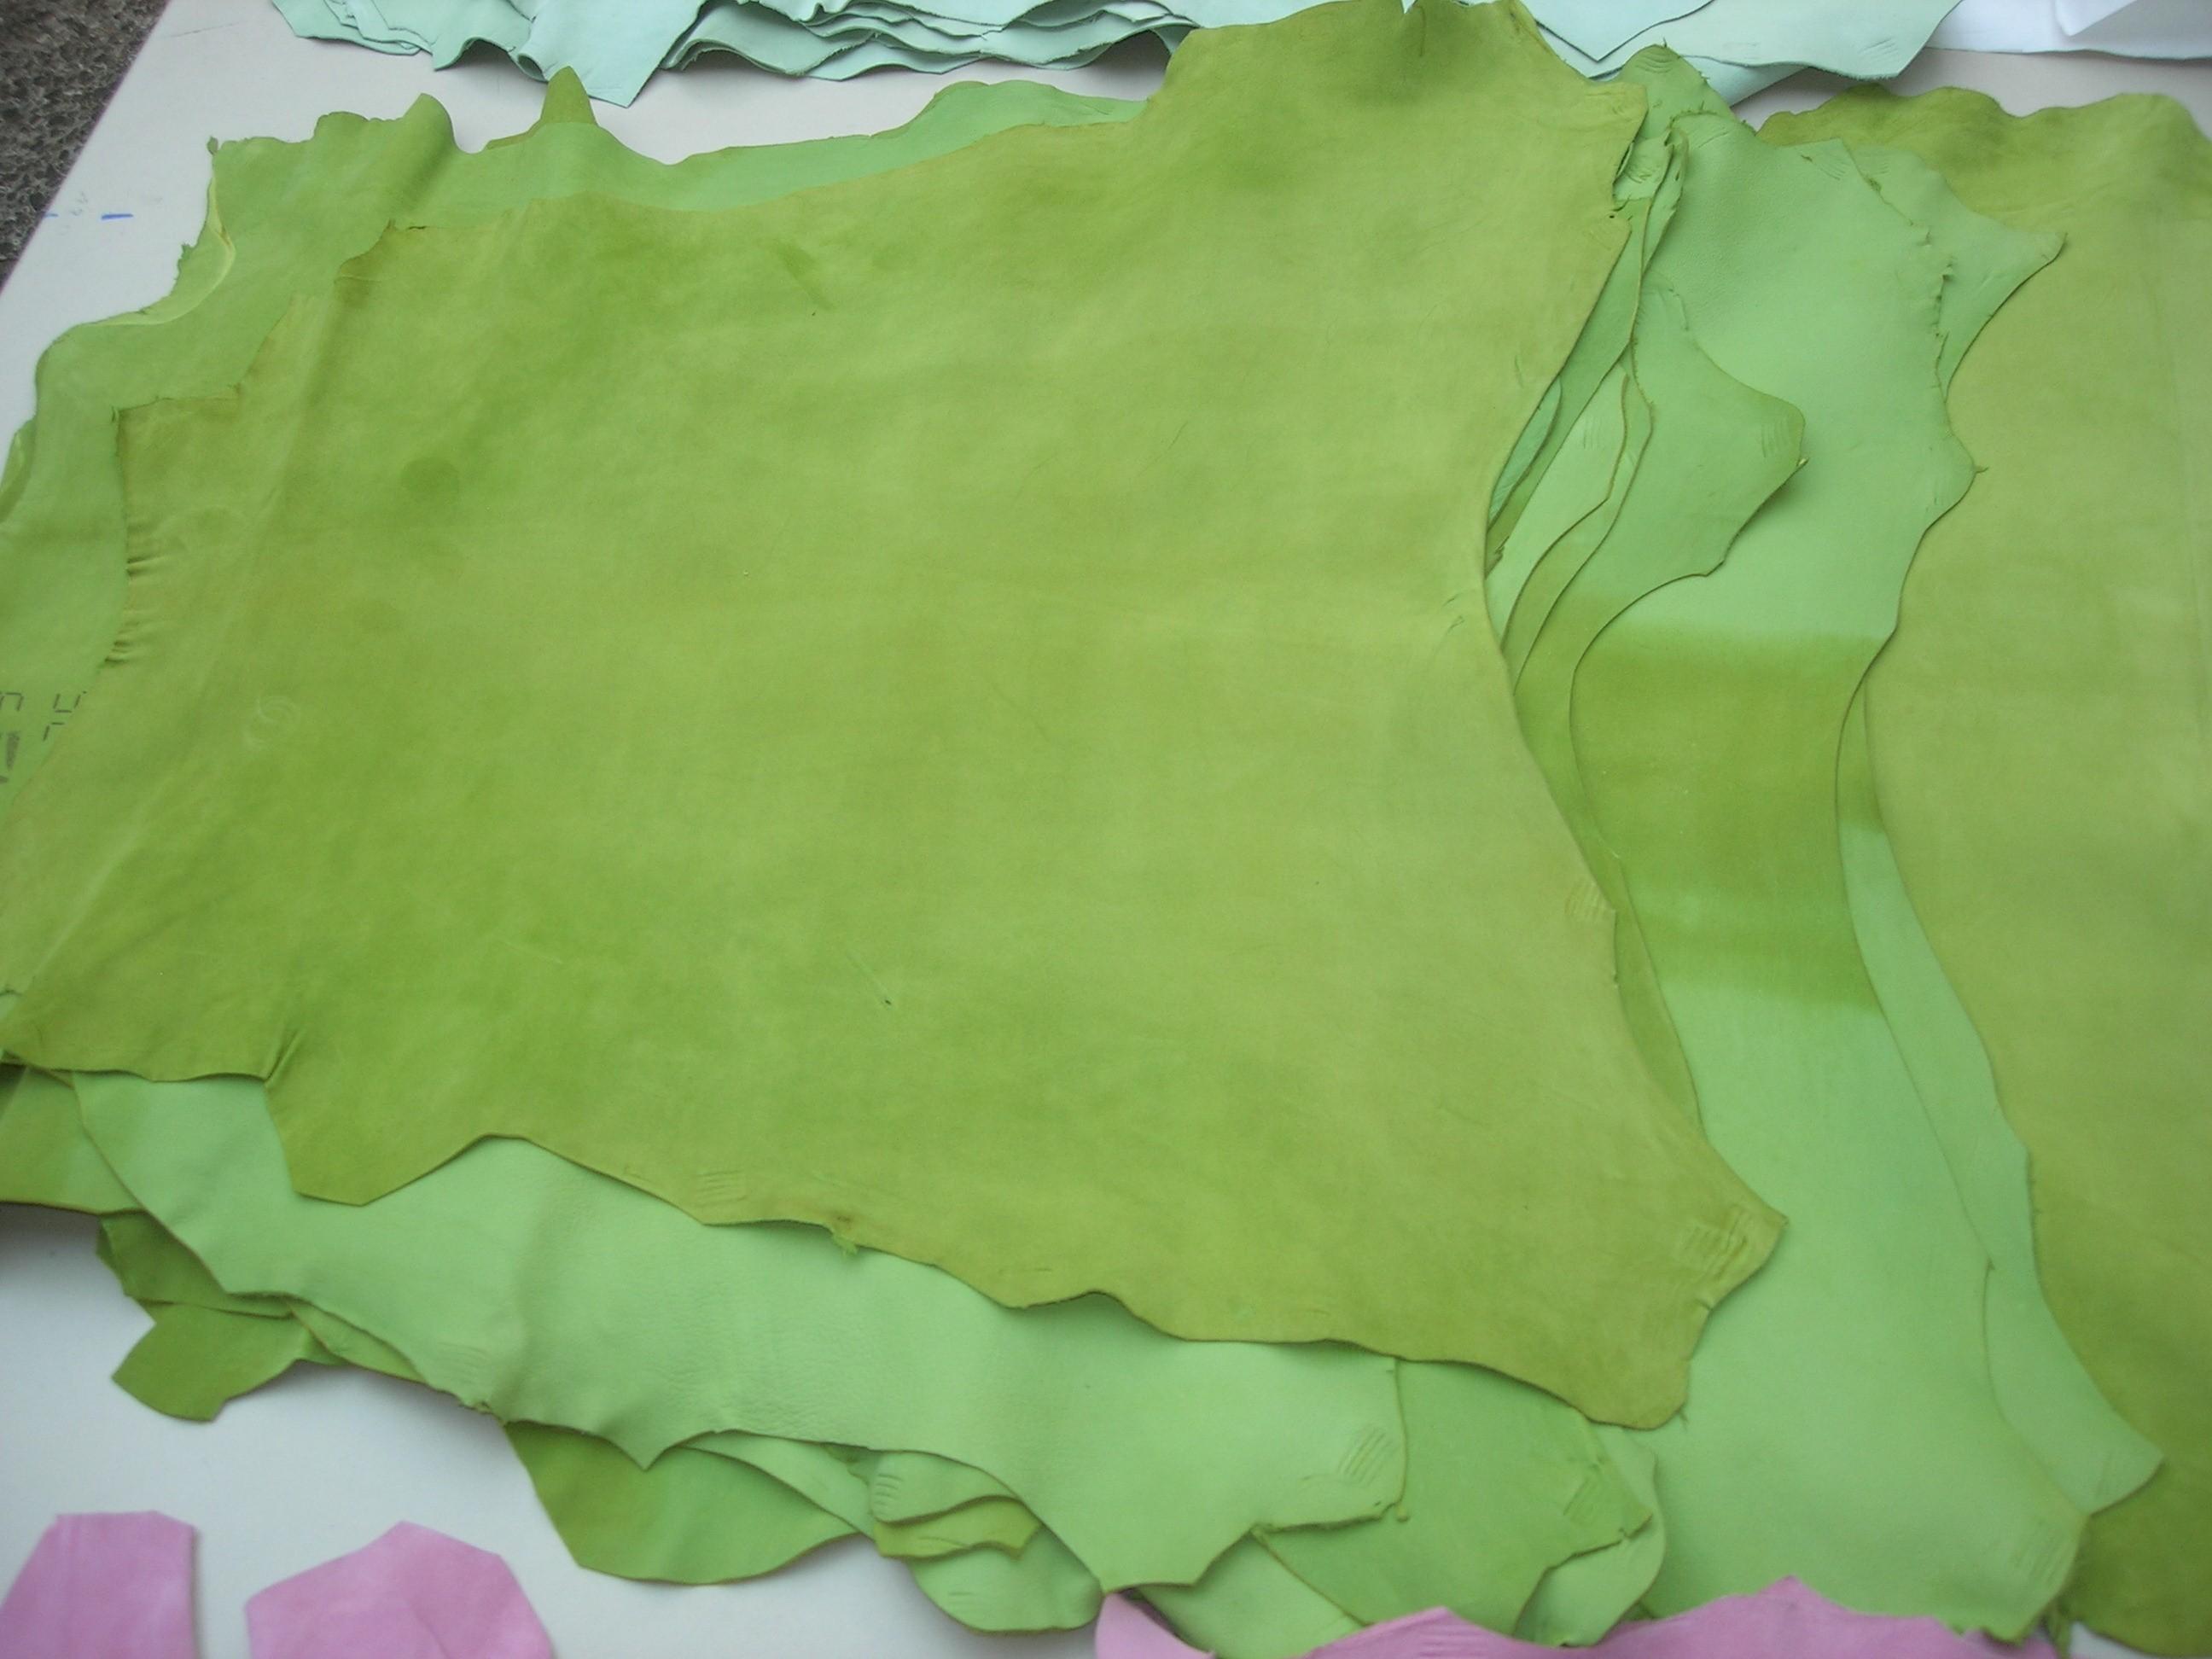 Ziegenvelour lemon-green 0,7 mm weich (O1813KZVLG)